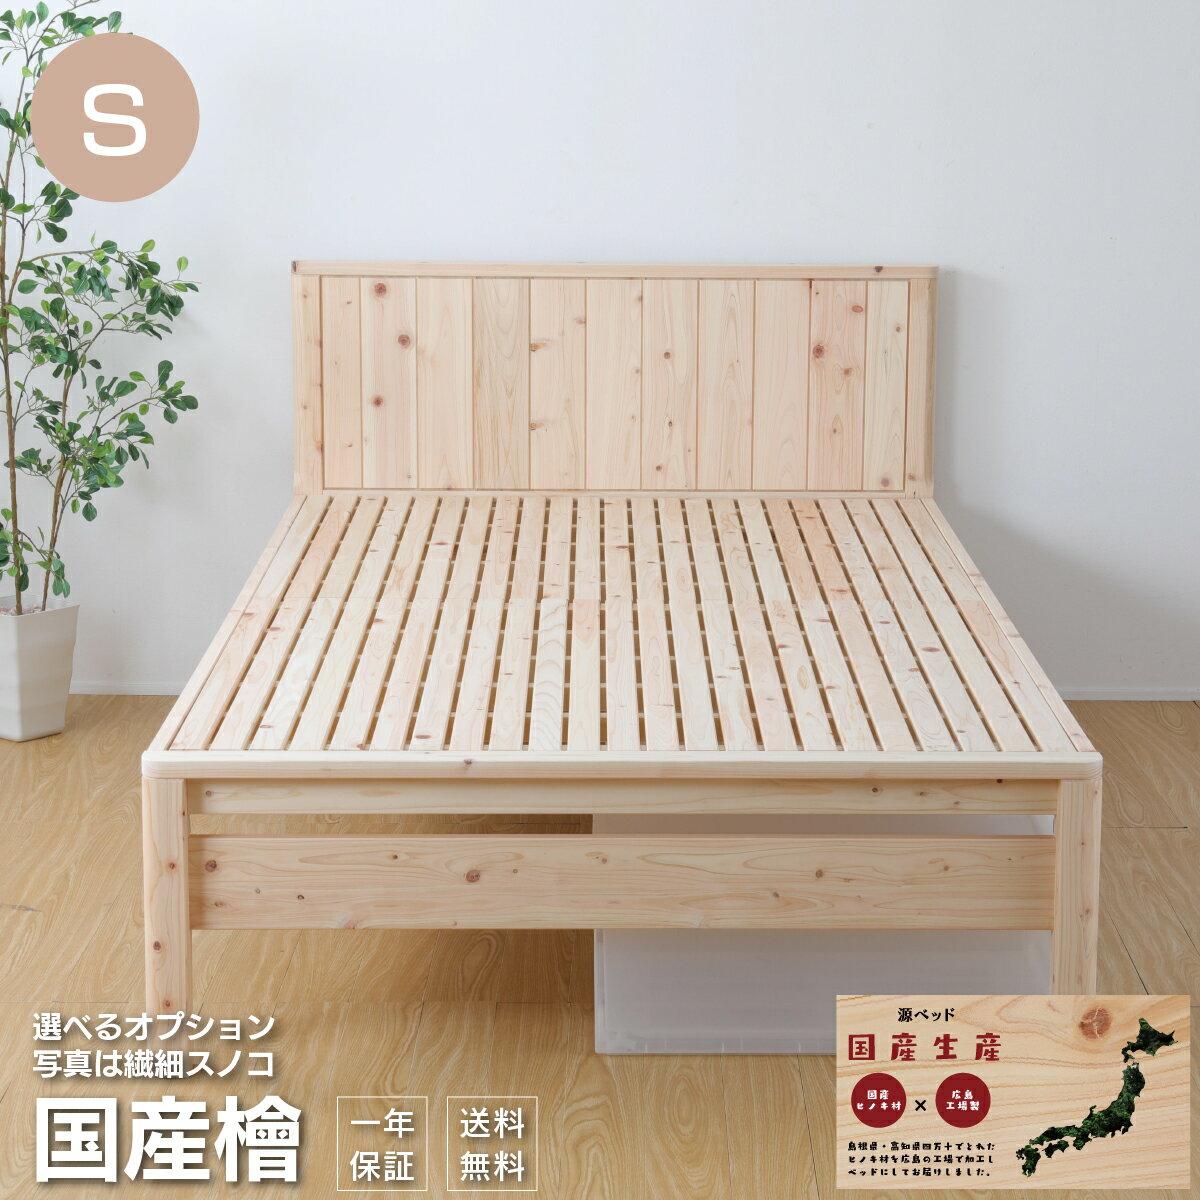 週末限定10%OFF☆曲面加工 ひのきベッド シングル 並べて使えるベッド ヒノキすのこベッド すのこベッド 日本製 国産 フレームのみ ベッド ベッドフレーム 高さ調節 シングルベッド 檜 桧 低ホルムアルデヒド シンプル 1年保証付き